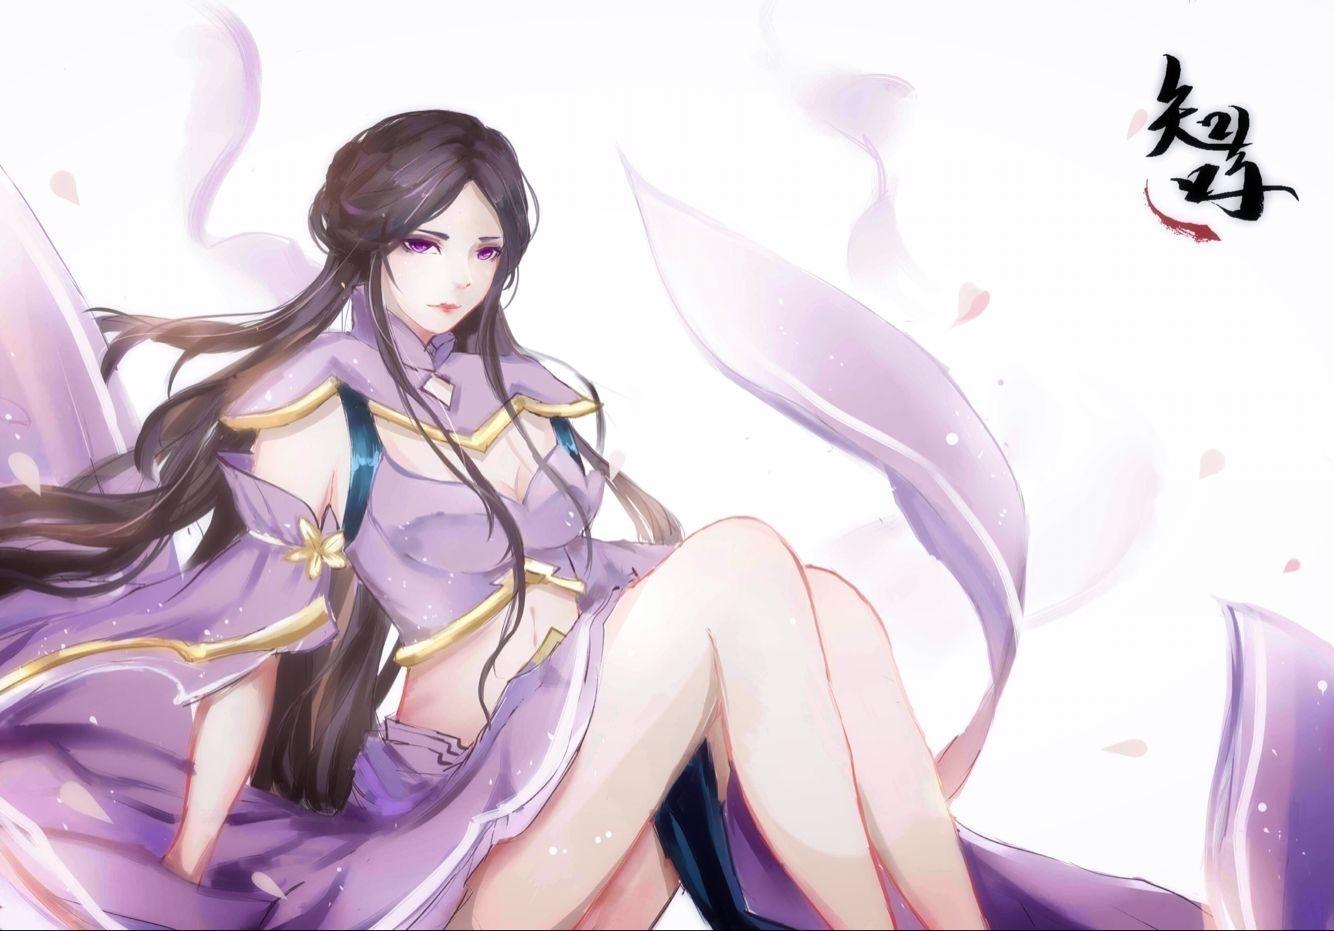 王者荣耀露娜壁纸同人绘画欣赏 可爱小姐姐